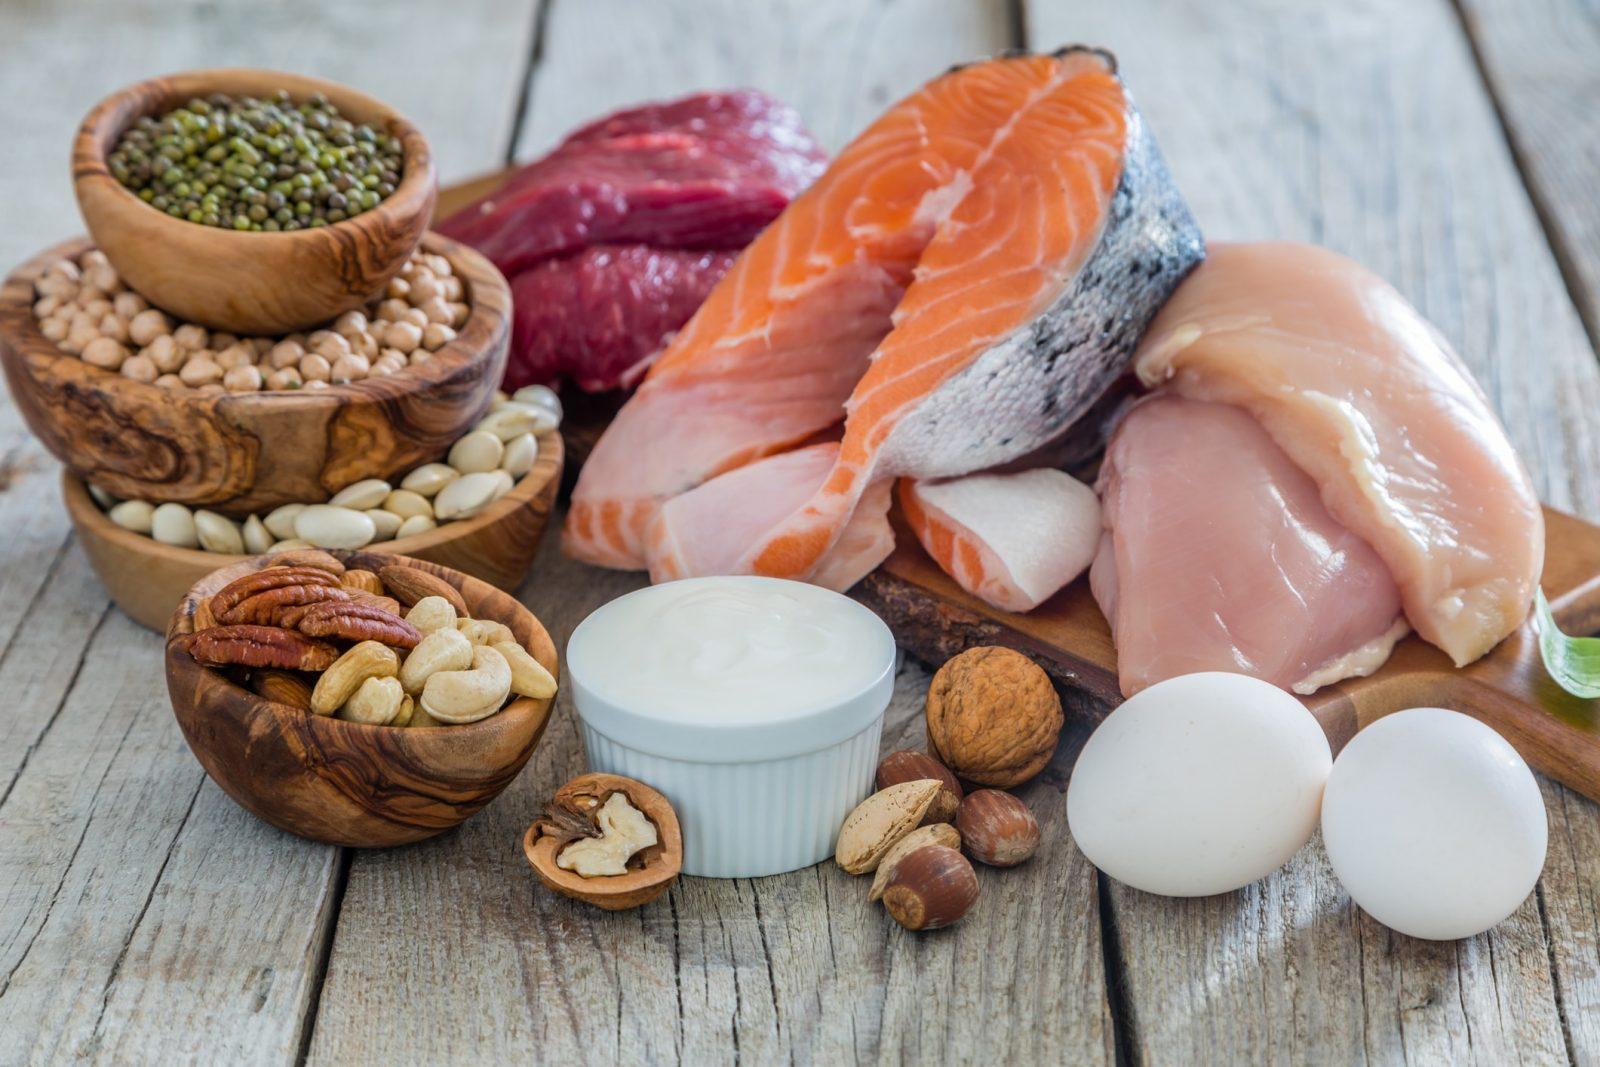 Животные и растительные белки (яйца, грецкий орех, кешью, фундук, рыба, курица, чечевица, фасоль)